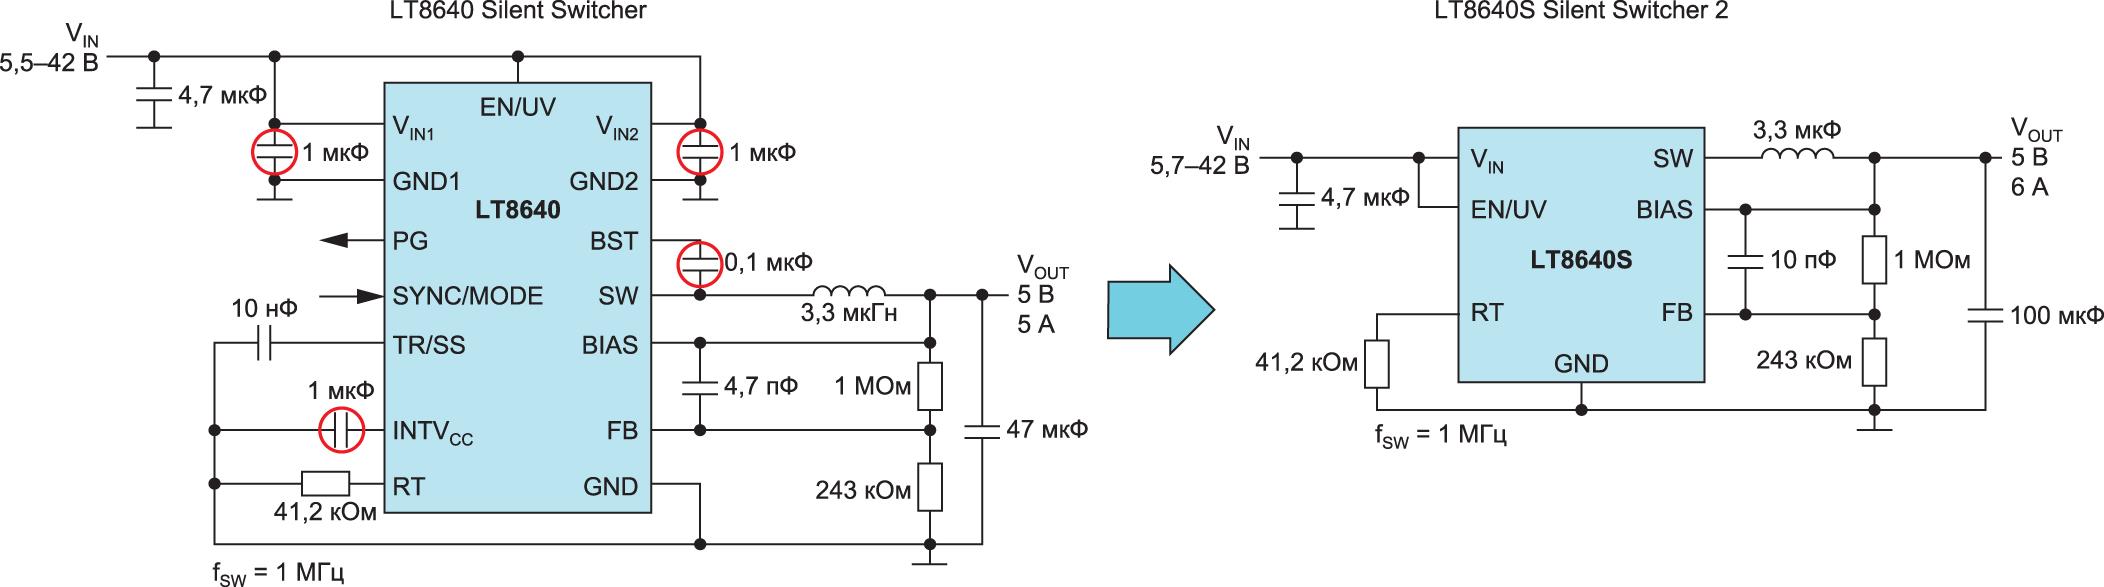 LT8640S представляет собой устройство Silent Switcher 2 с более высоким уровнем интеграции конденсаторов